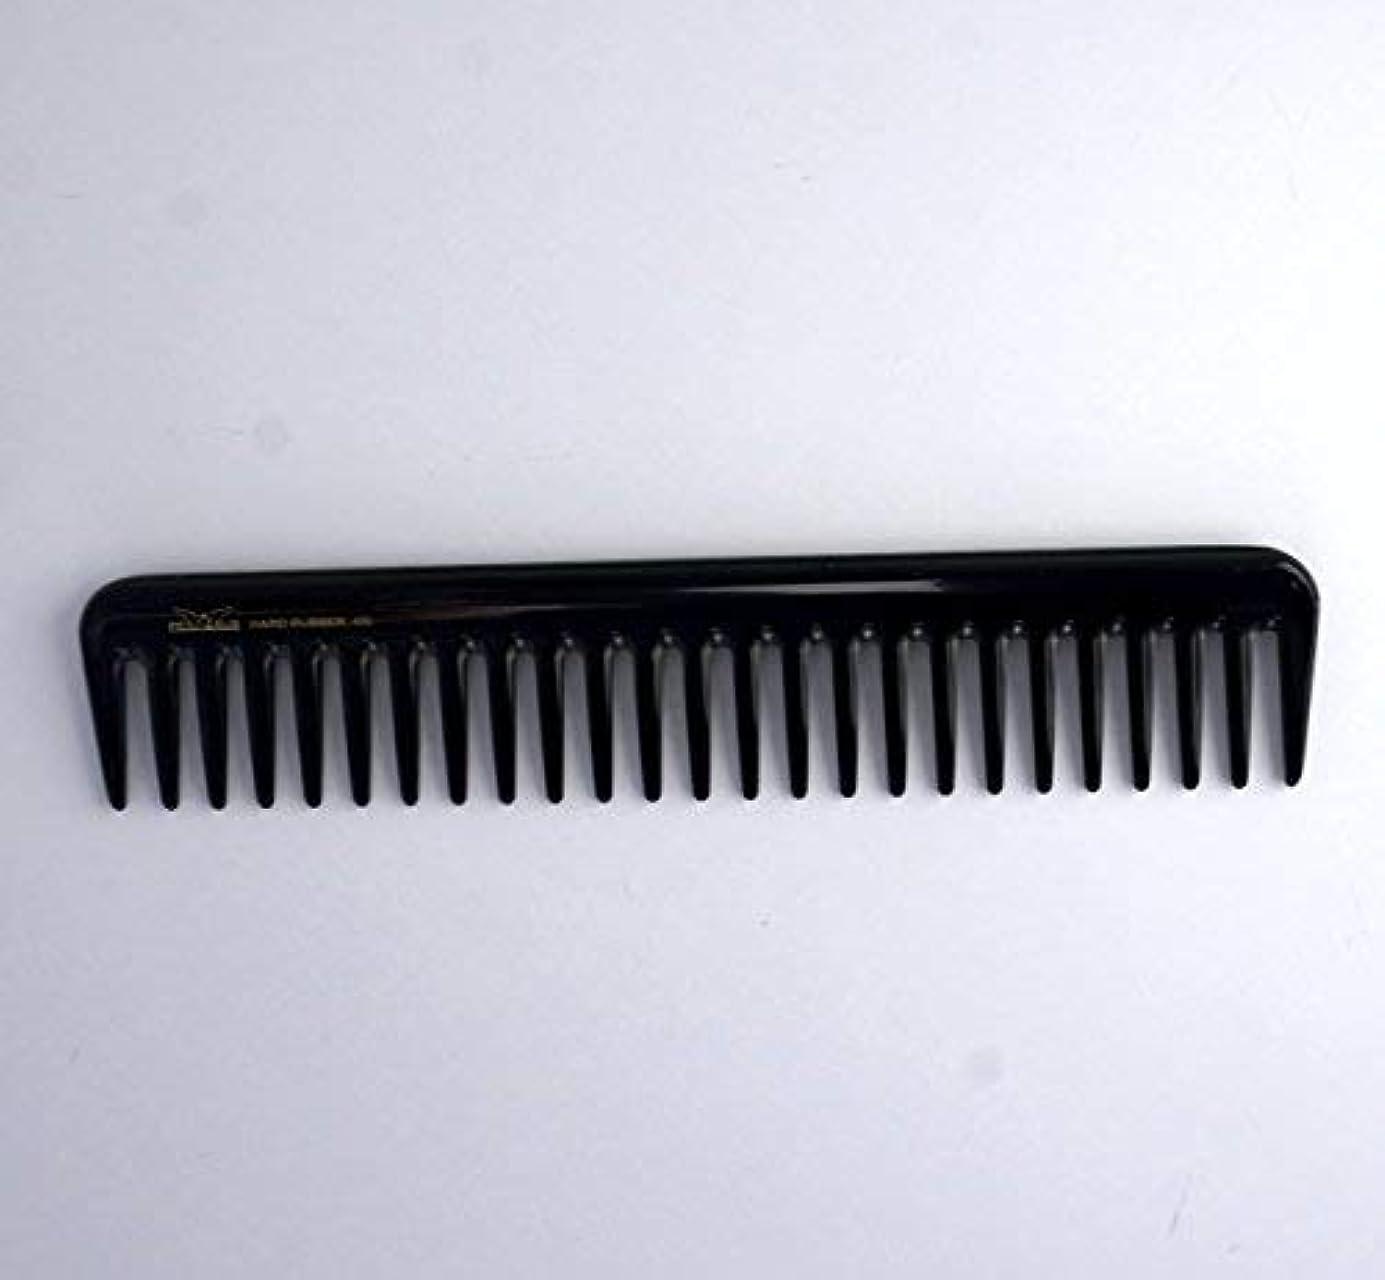 結果真珠のようなパンダ7in, Hard Rubber, Wide Tooth Short Styling Comb [並行輸入品]